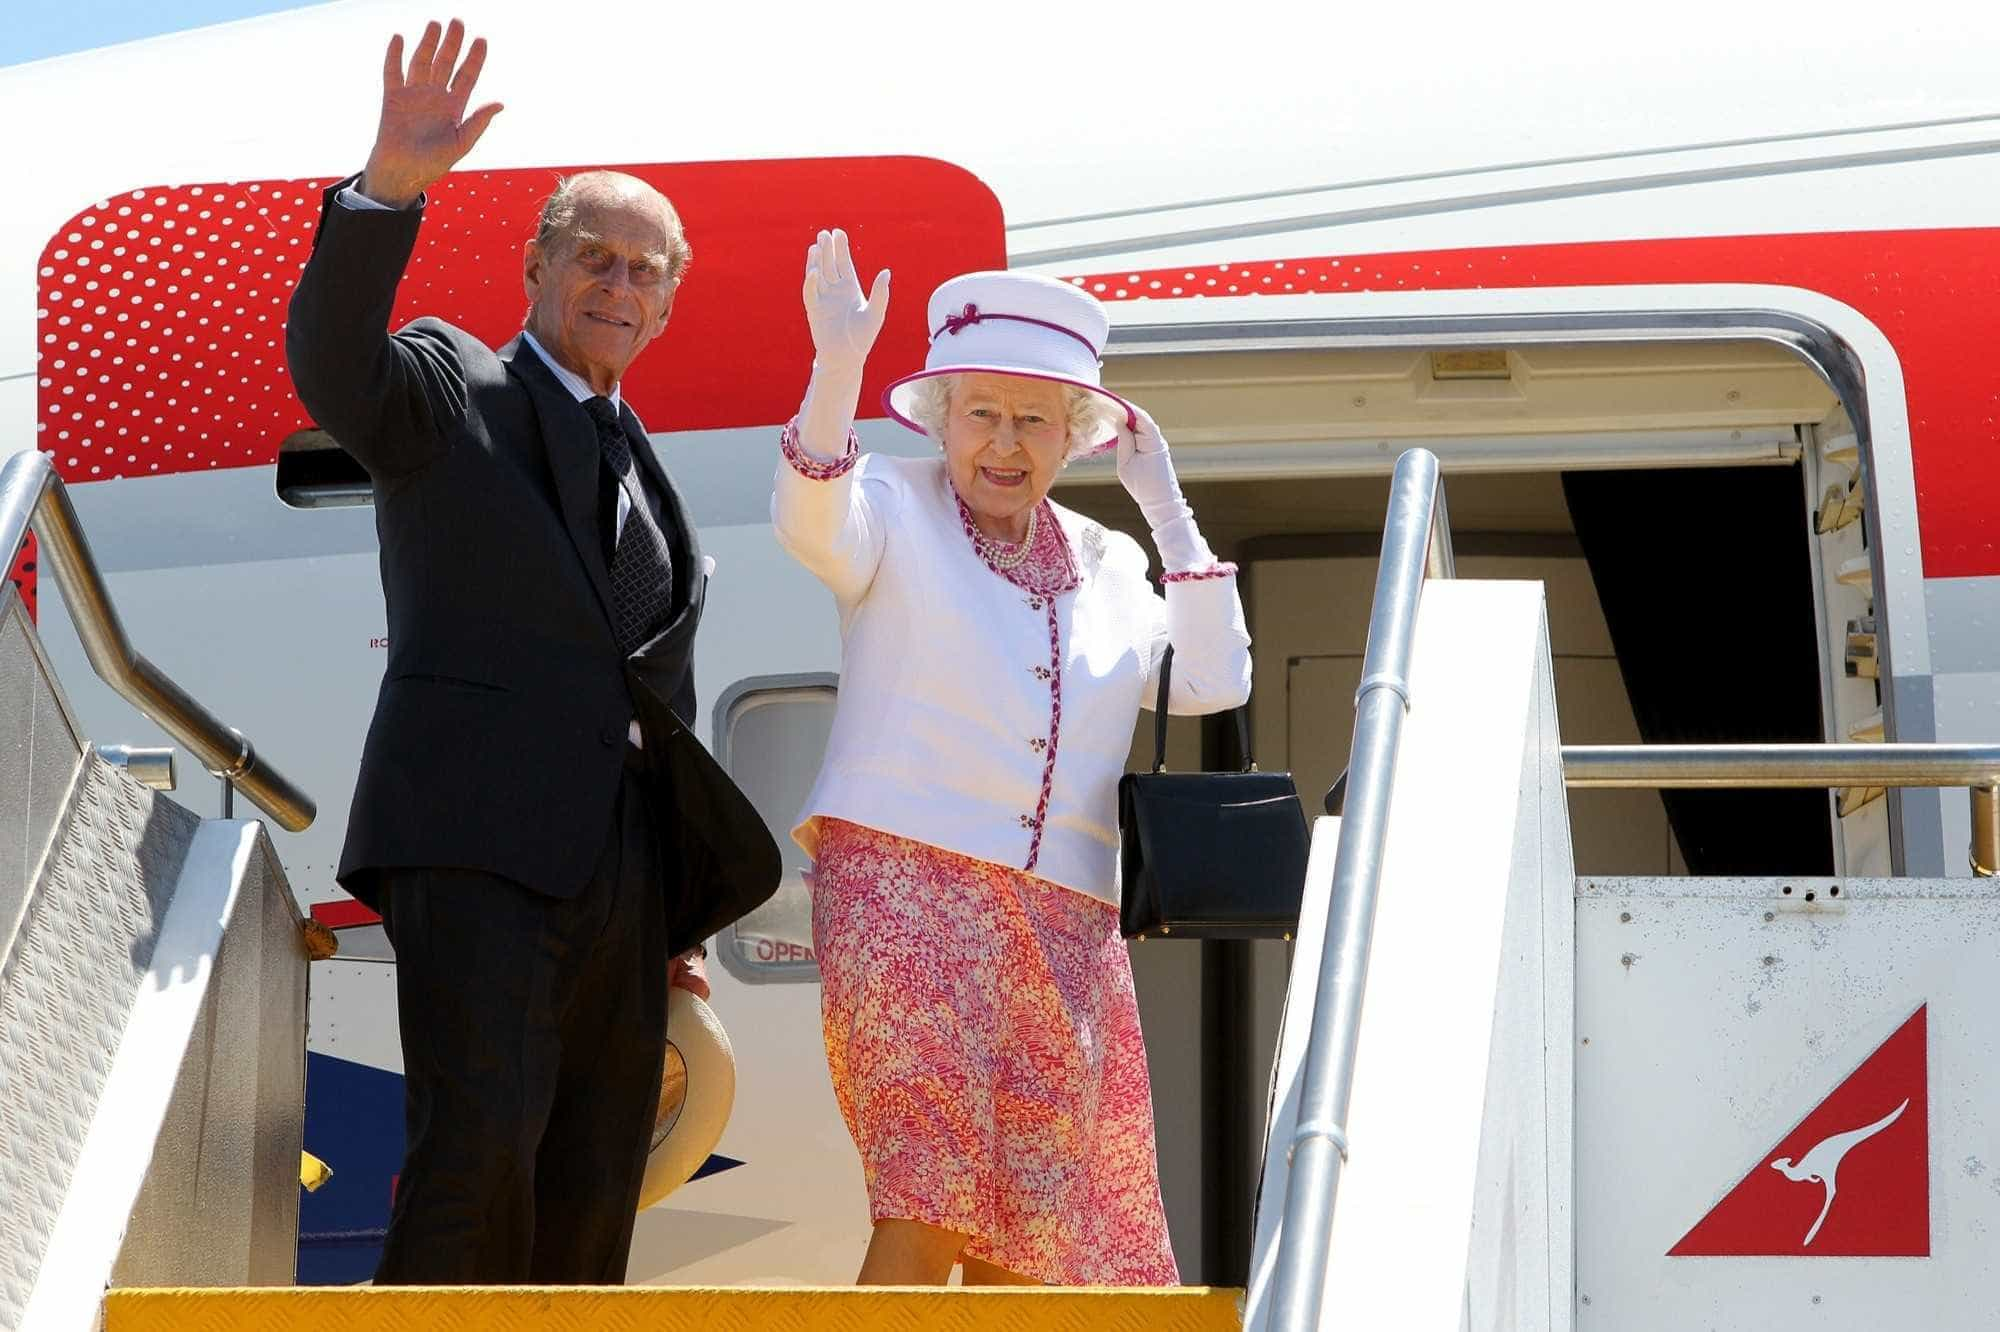 Rainha Isabel II e príncipe Philip completam 71 anos de casamento